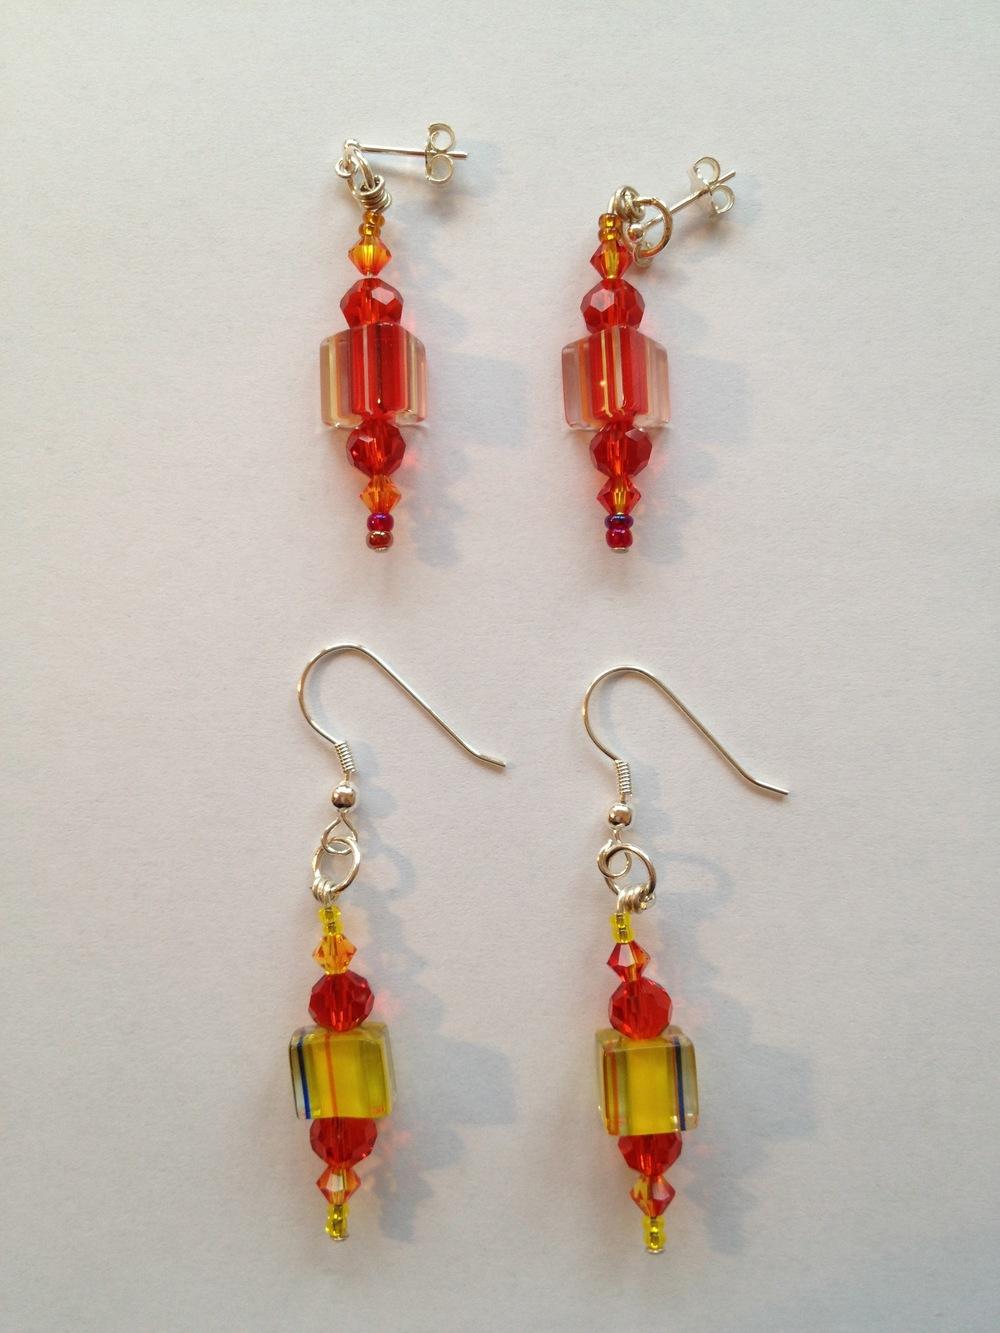 4. david christensen cane glass earrings dangle.jpg